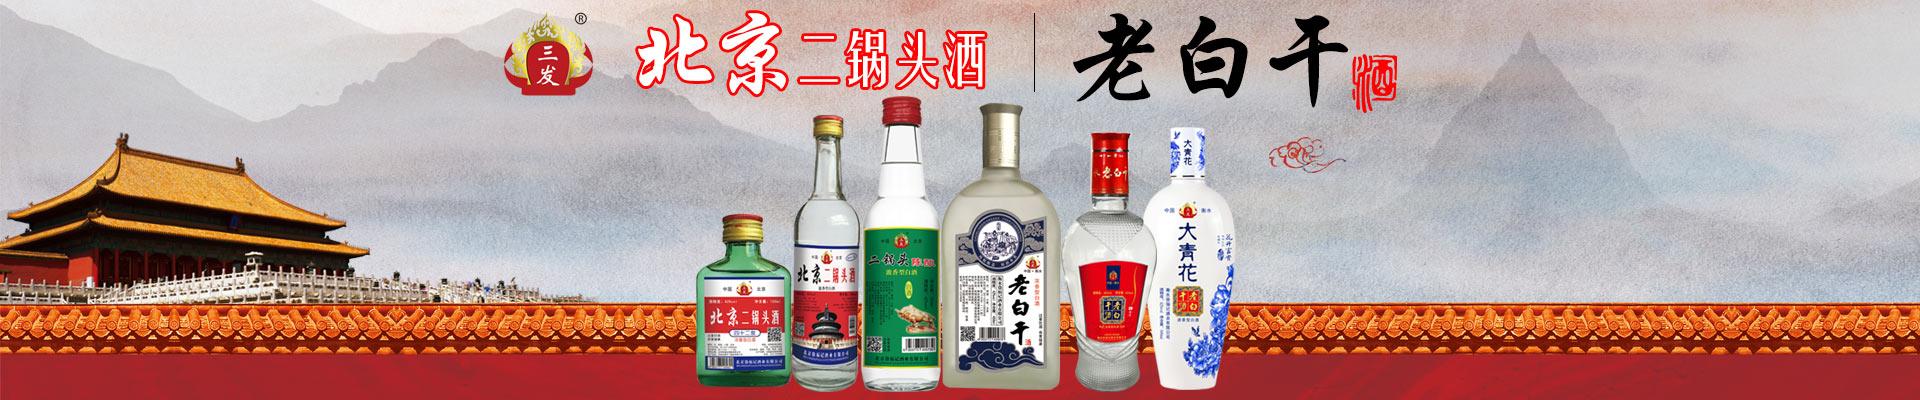 徐福记酒业有限公司